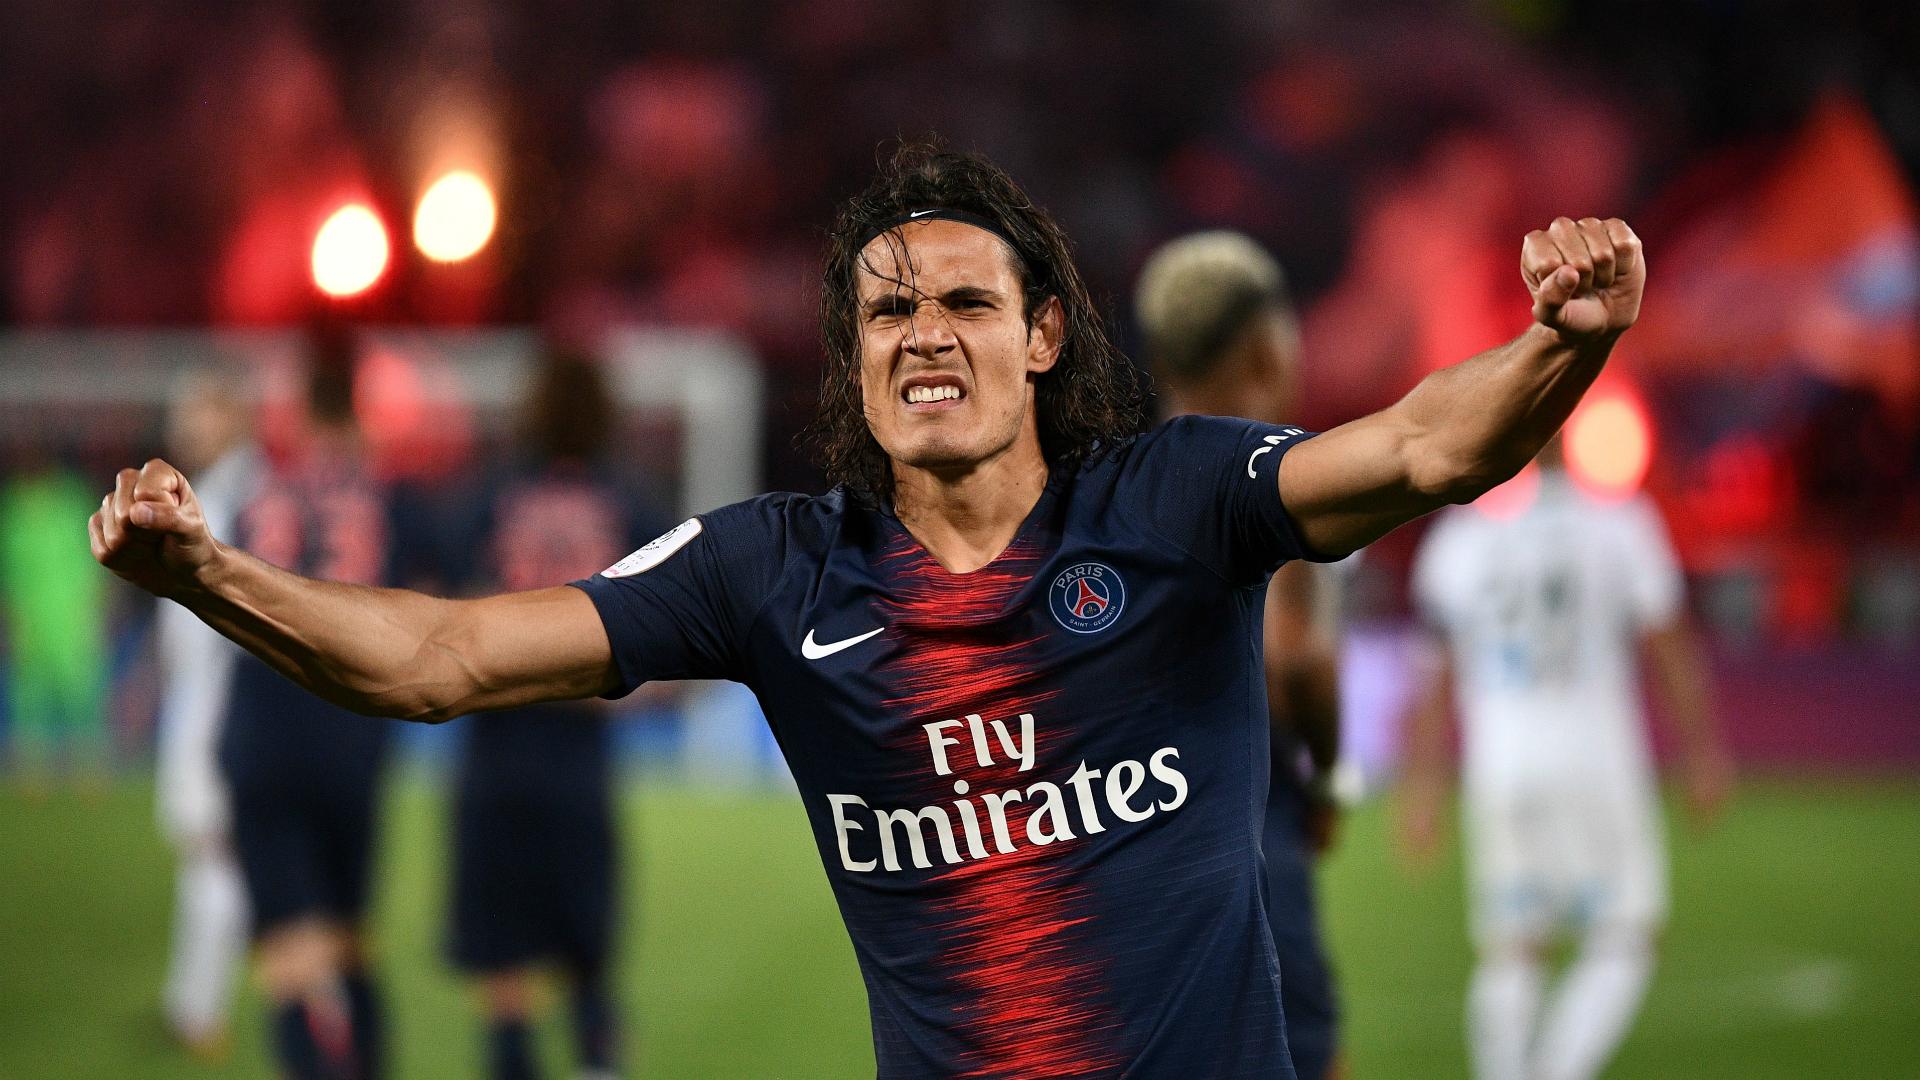 PSG v Saint-Étienne Match Report, 9/14/18, Ligue 1